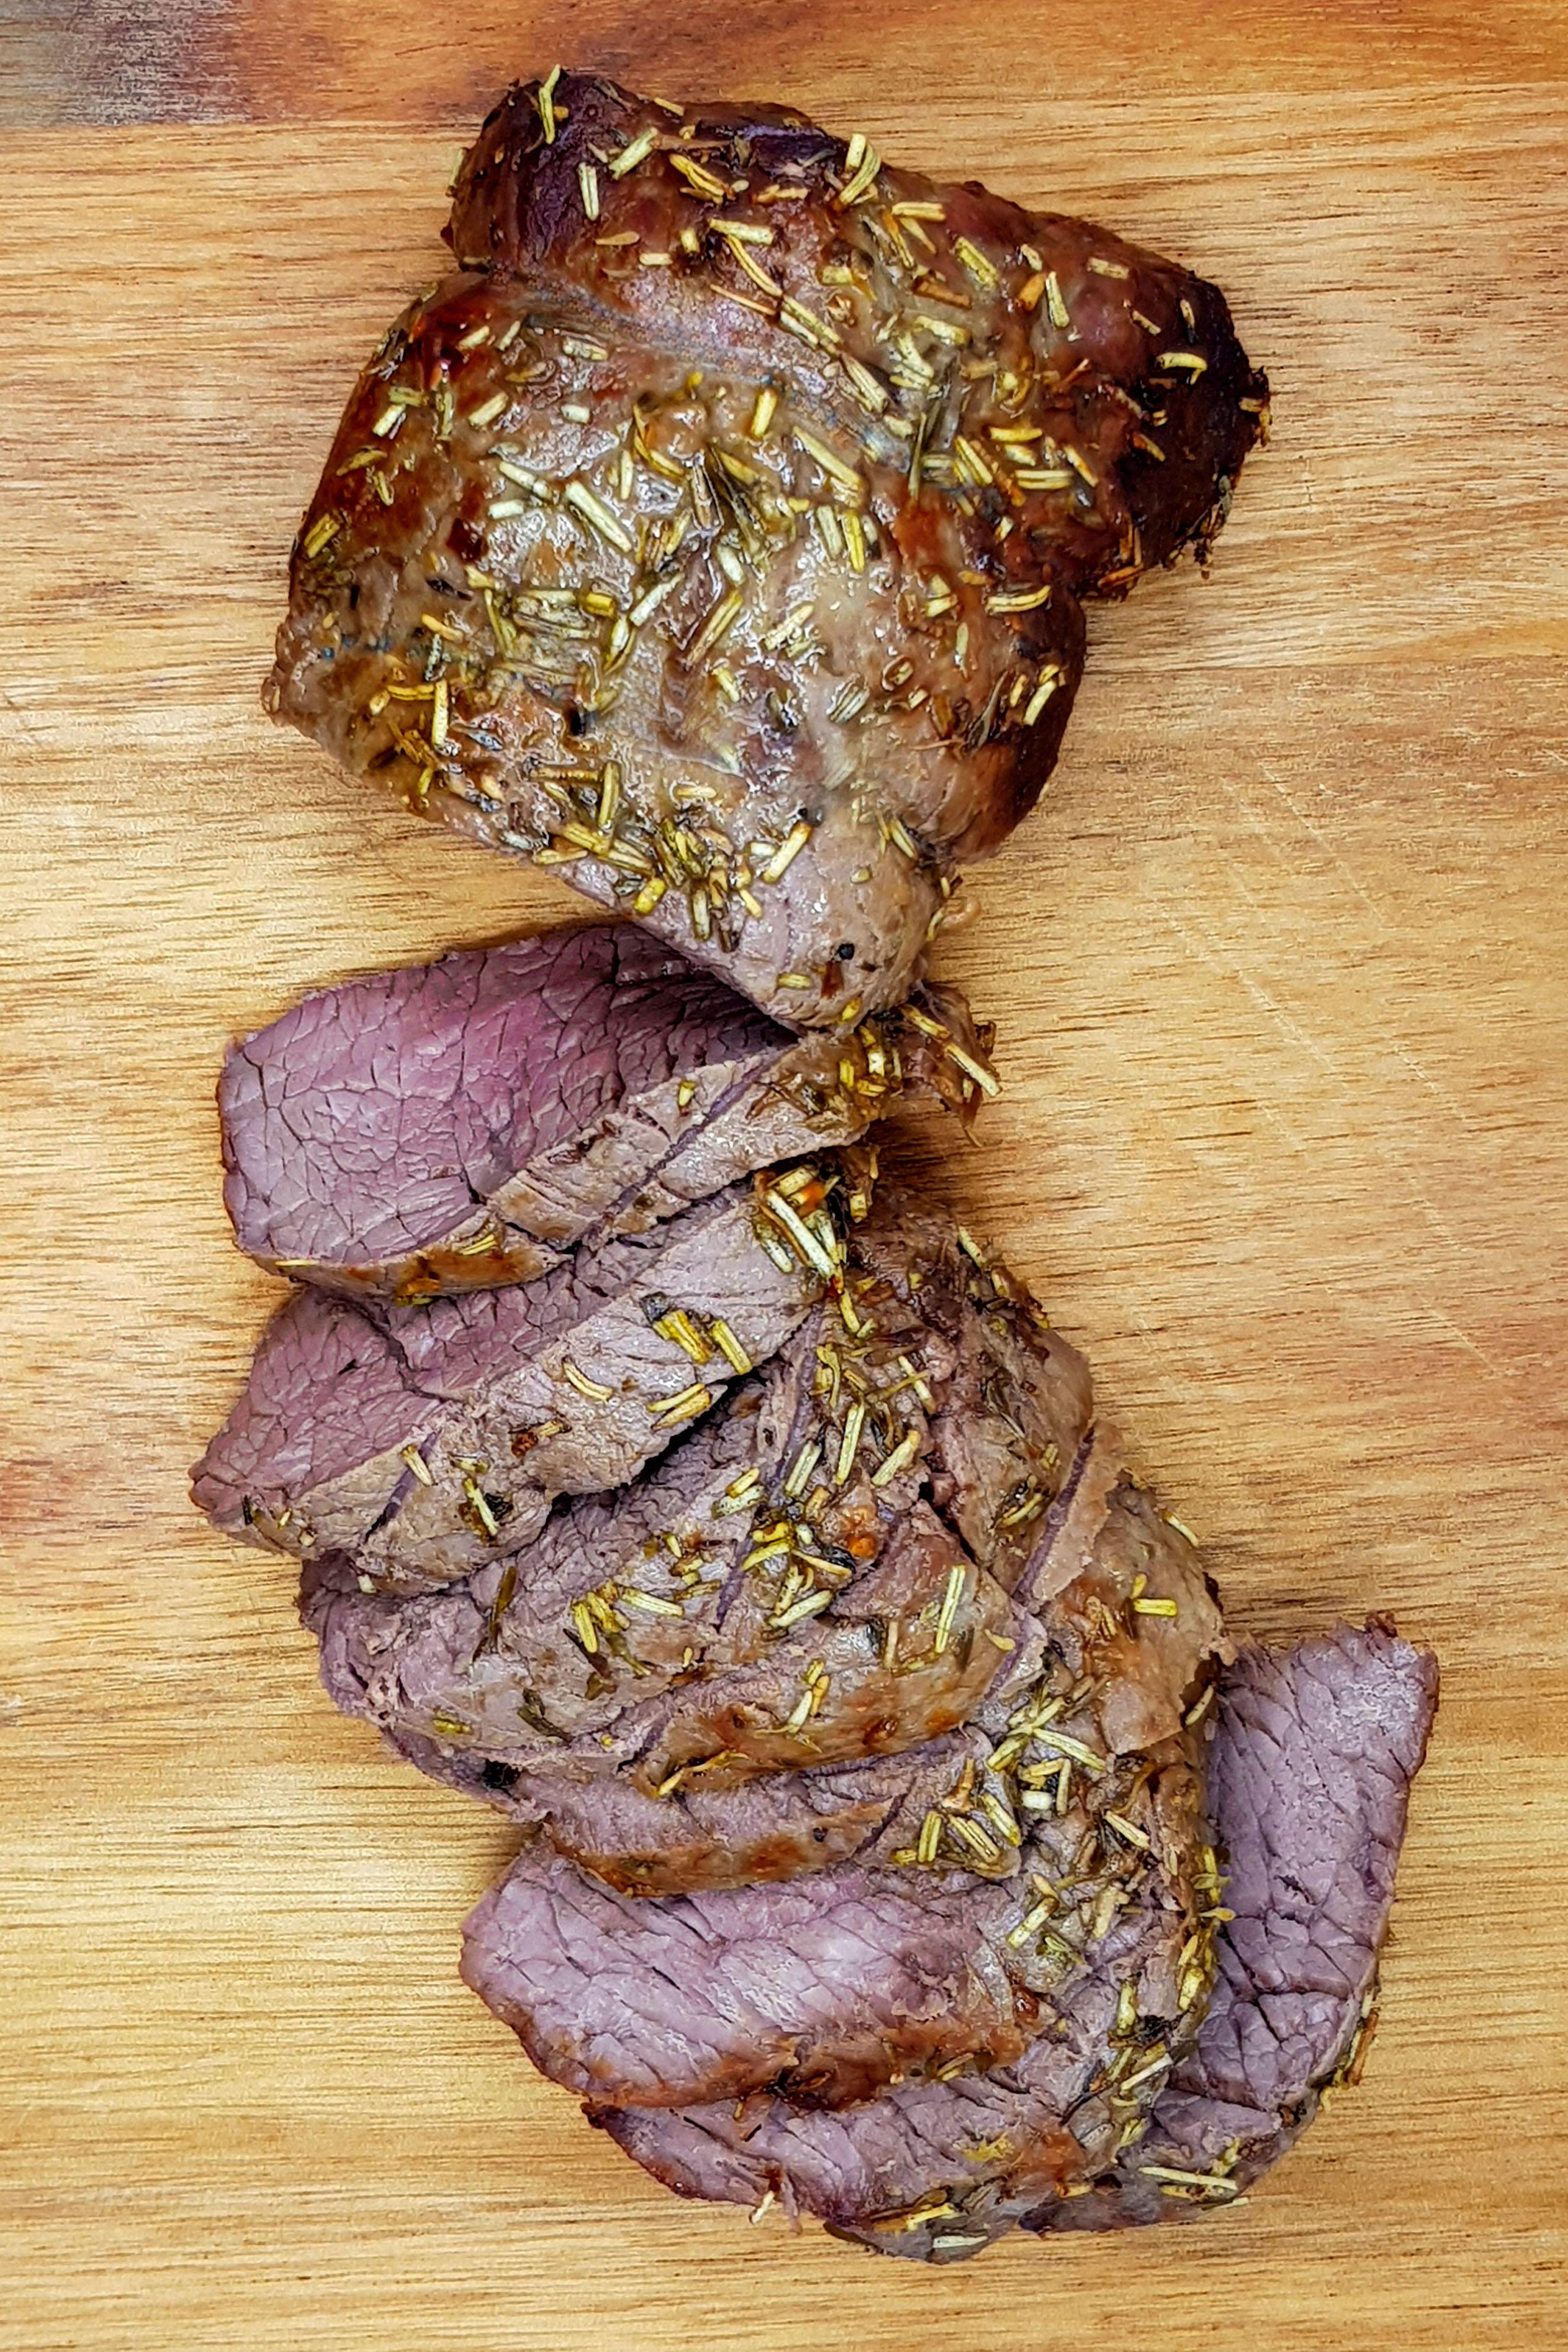 Air Fryer Roast Beef Recipe Air fryer, Roast beef, Fryer